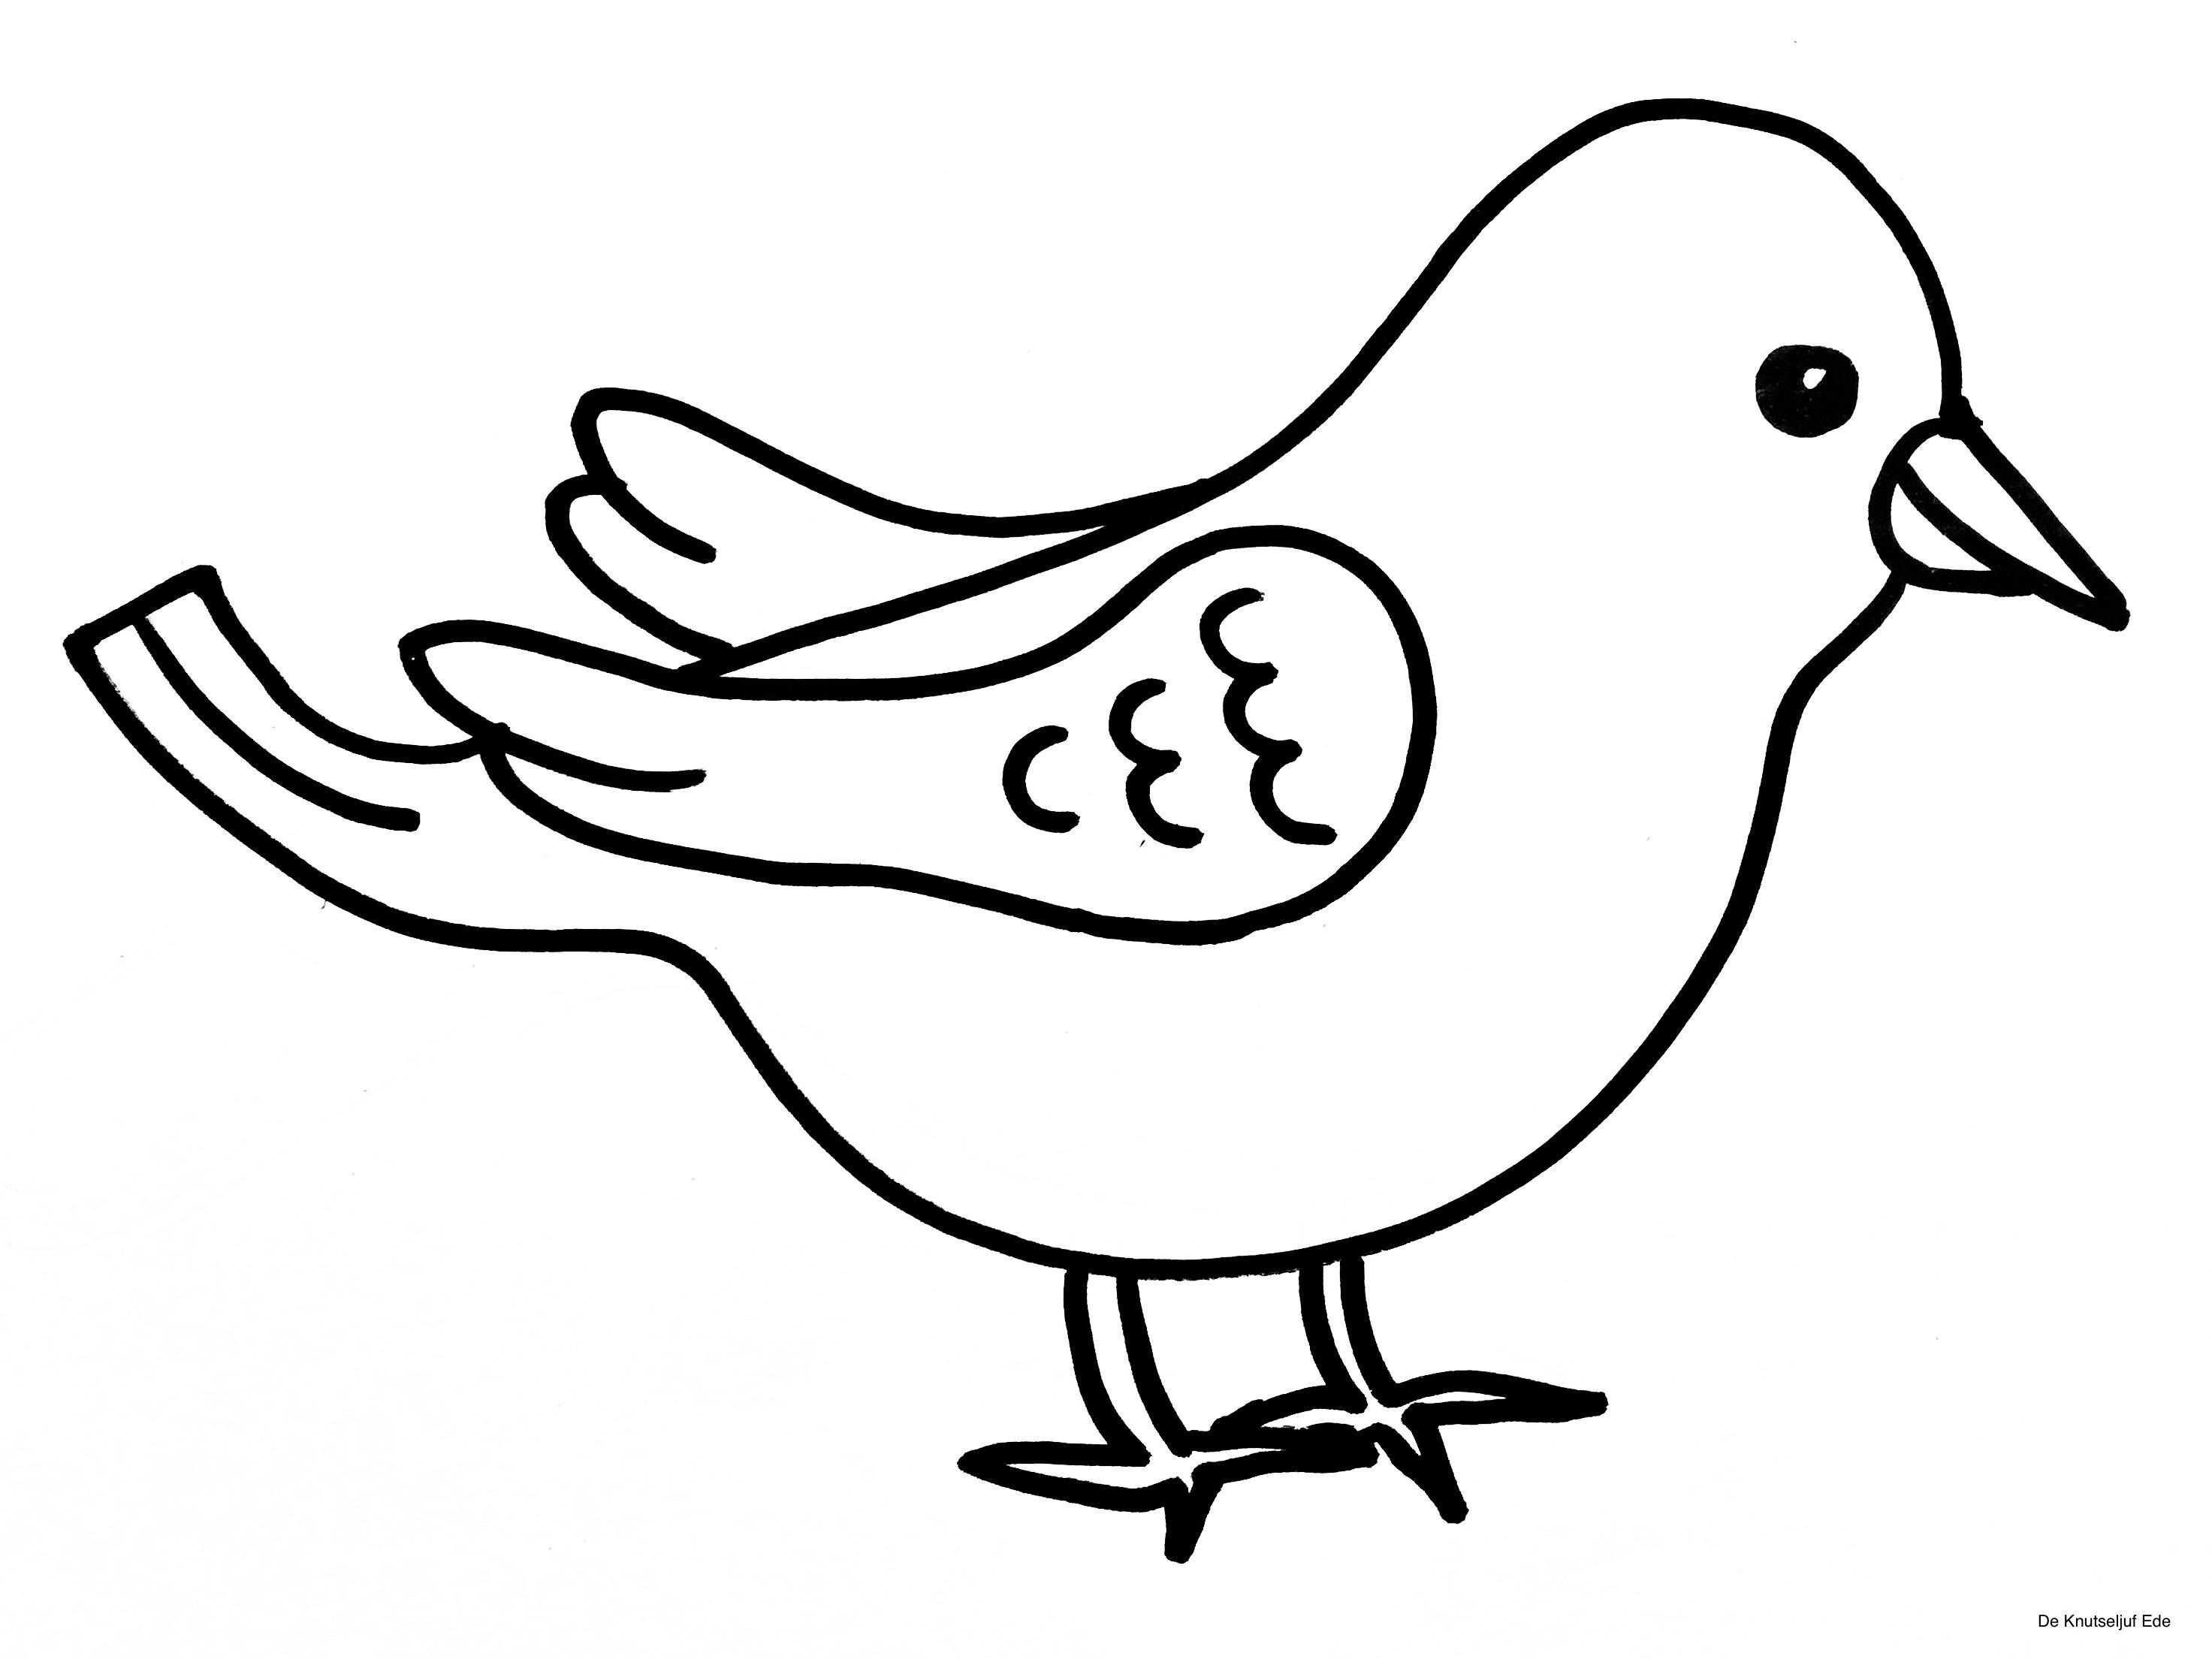 Kleurplaten Vogels In 2020 Met Afbeeldingen Vogels